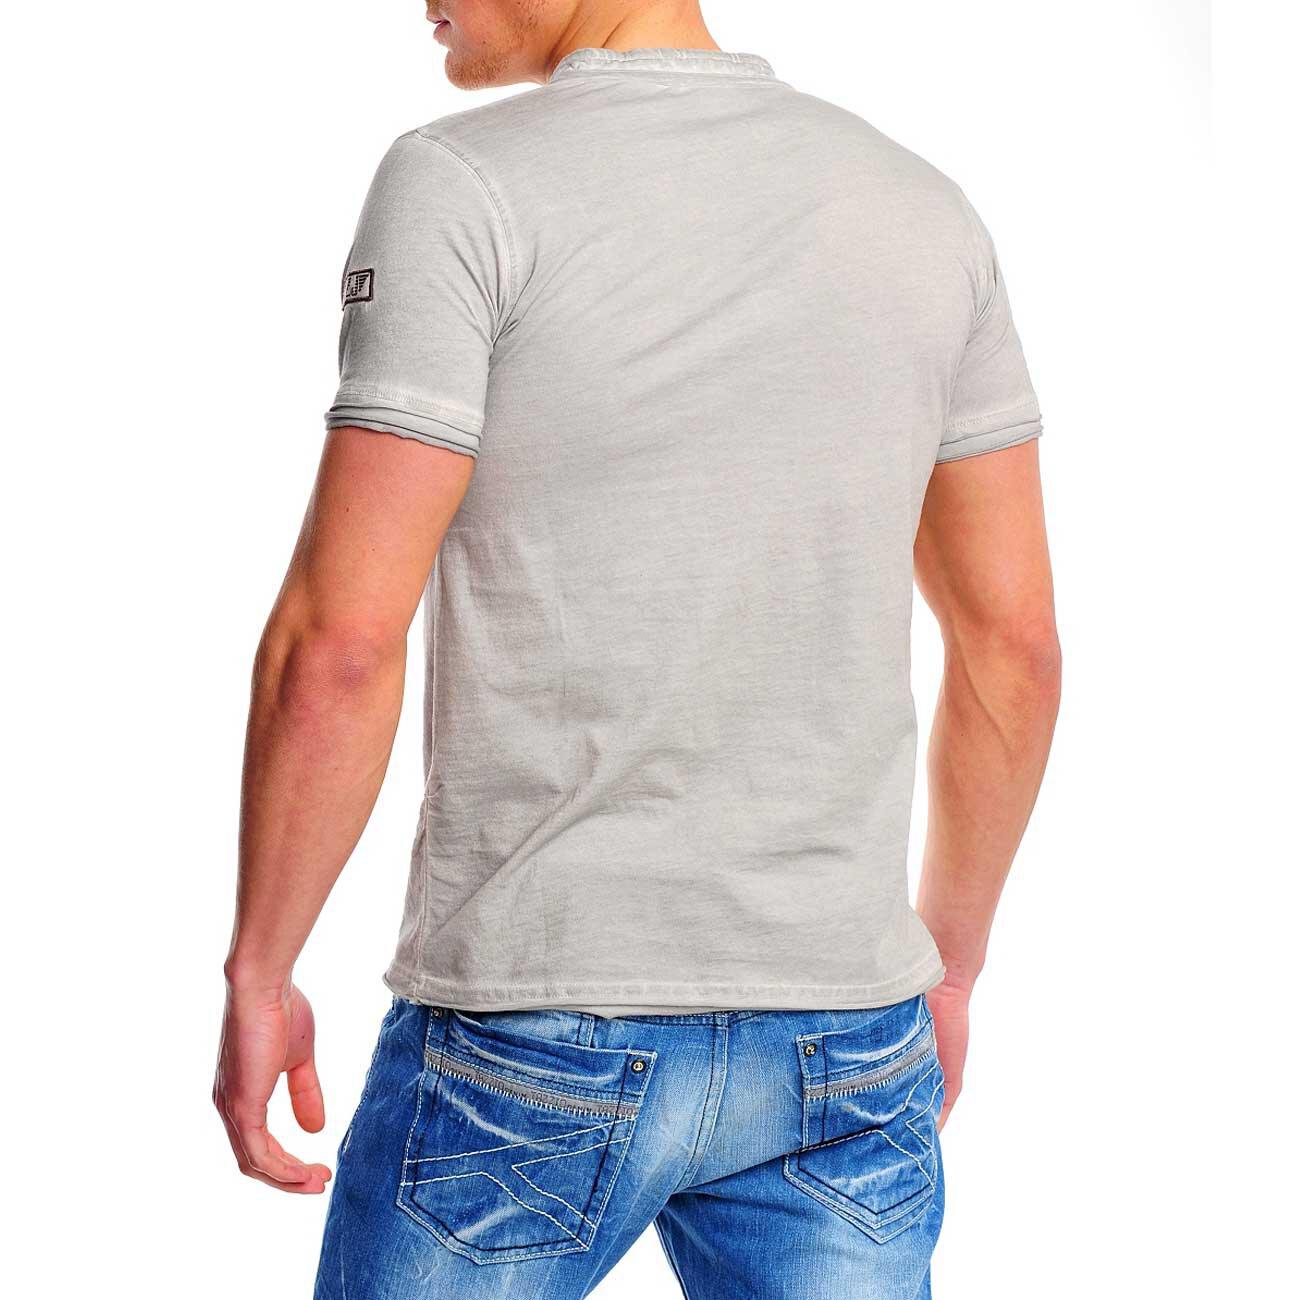 T-Shirt Herren Used Look V-Neck Reslad